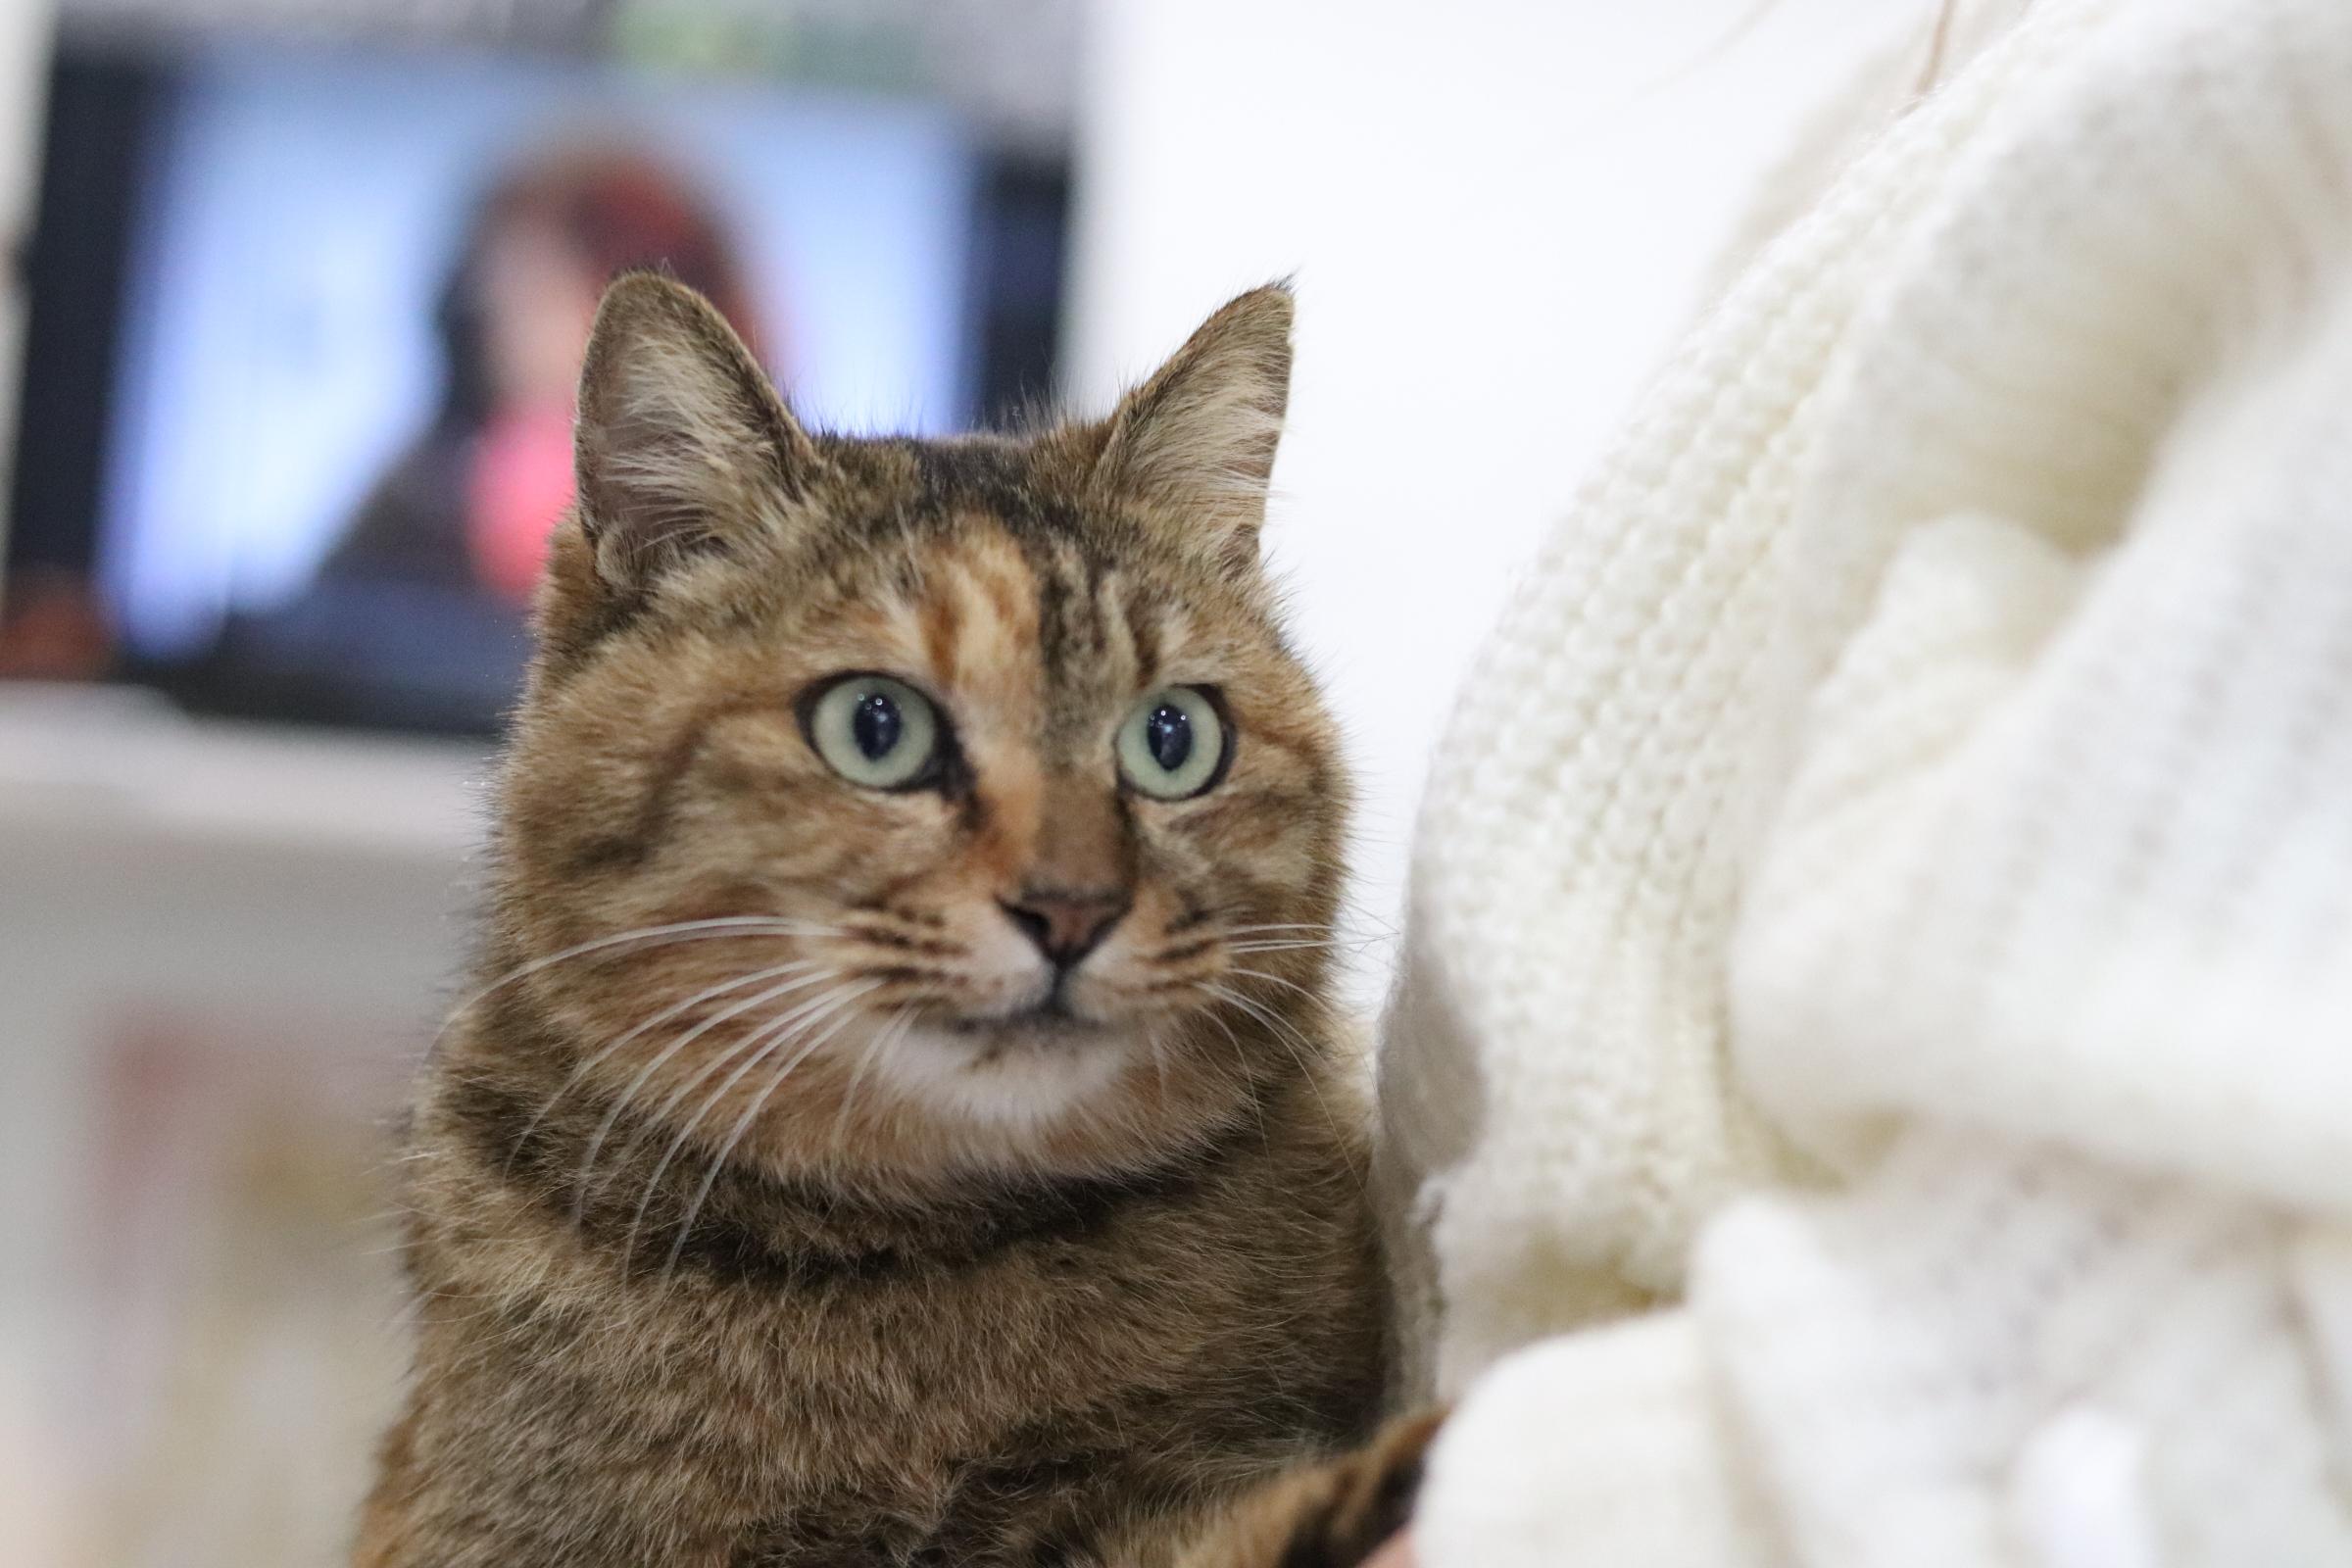 <ul> <li>猫種:日本猫</li> <li>性別:女の子</li> <li>名前:ナナ</li> <li>年齢:2017.11.20位生まれ</li> <li>保護経緯:地域猫を保護し人馴れしたので里親さんを探して欲しいとの事で保護しました</li> </ul>